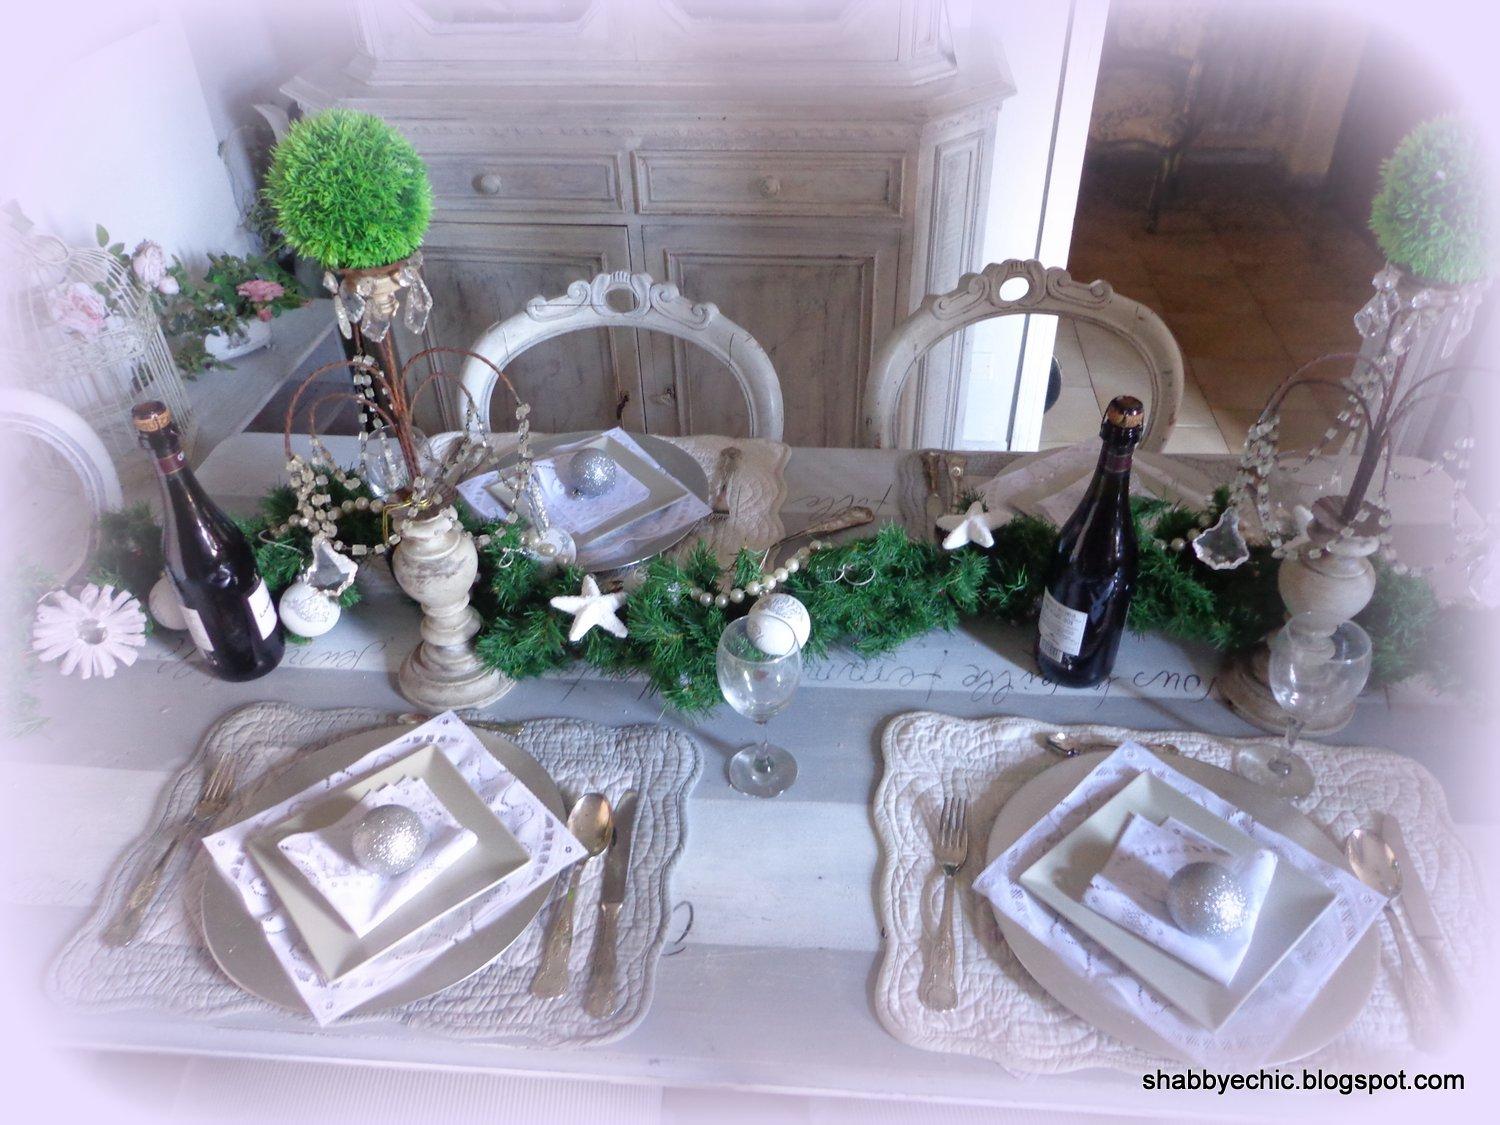 Gustavian Chic : Come decorare con poco una bella tavola Natalizia